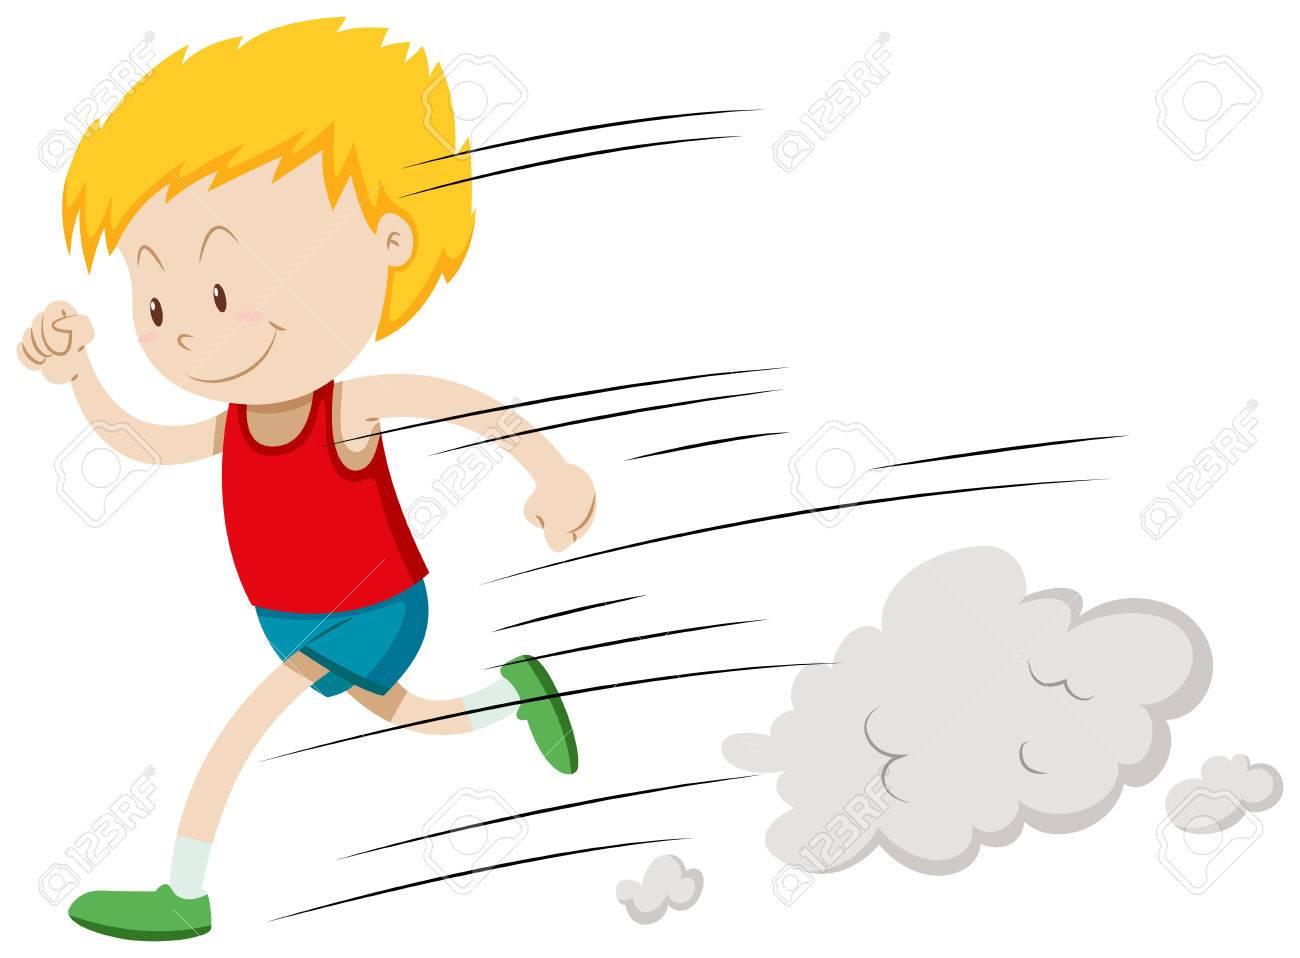 hight resolution of little boy running fast illustration stock vector 52037291